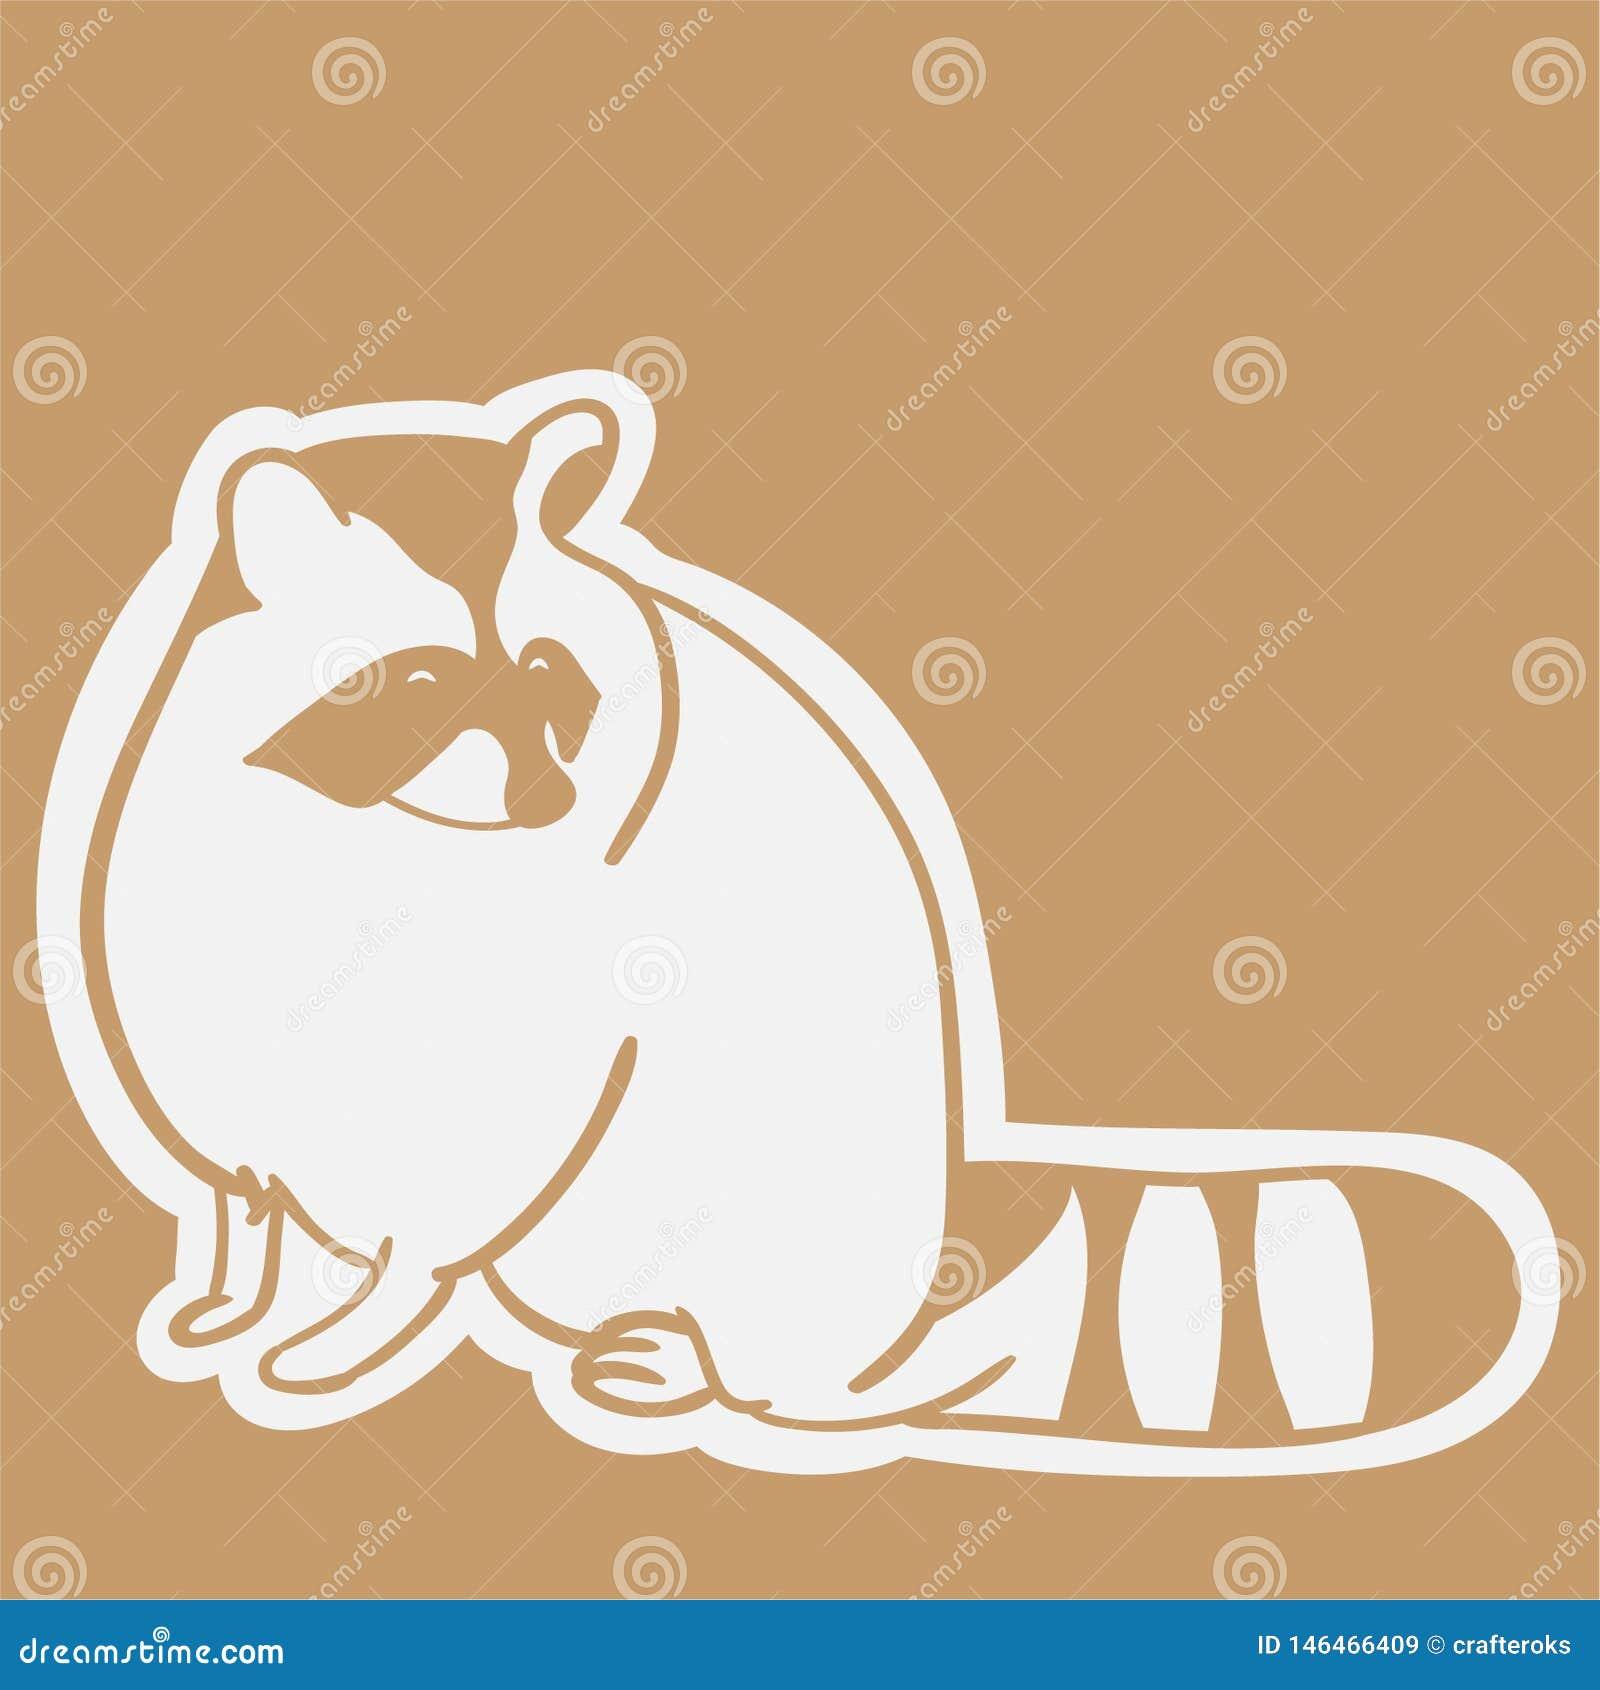 Mano dibujada, vector, EPS, logotipo, icono, crafteroks, ejemplo del vector EPS del mapache de la silueta para diversas aplicacio